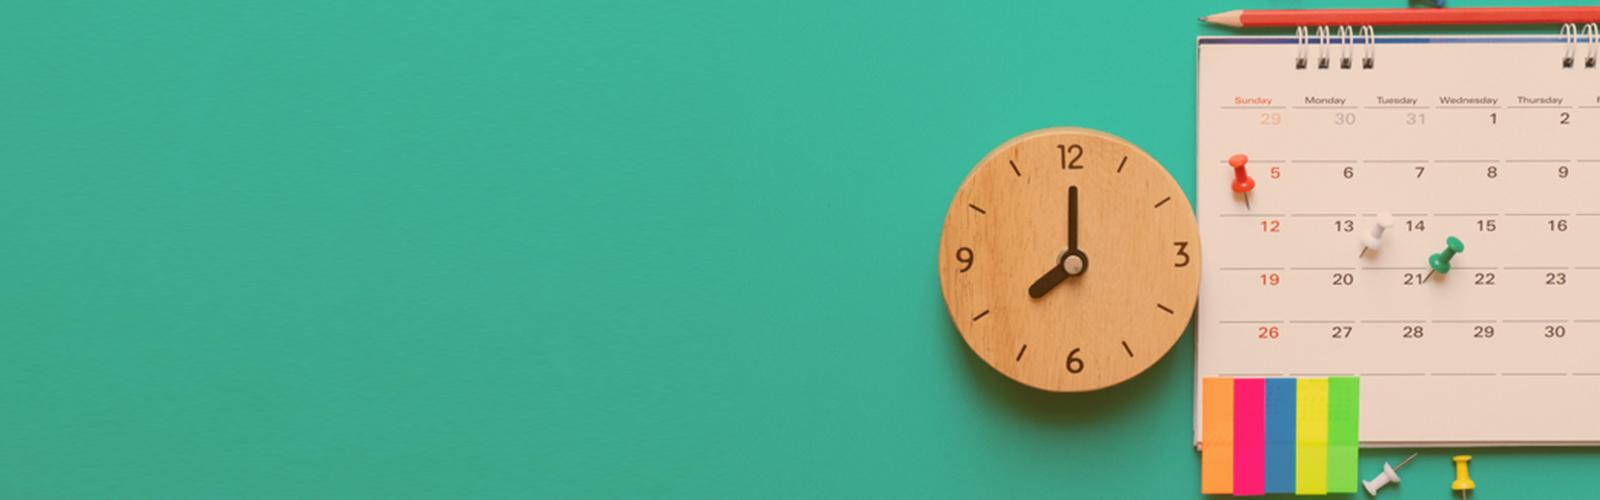 Wann du am besten ein Release planst, und wie du die ruhigen Zeiten optimal nutzen kannst